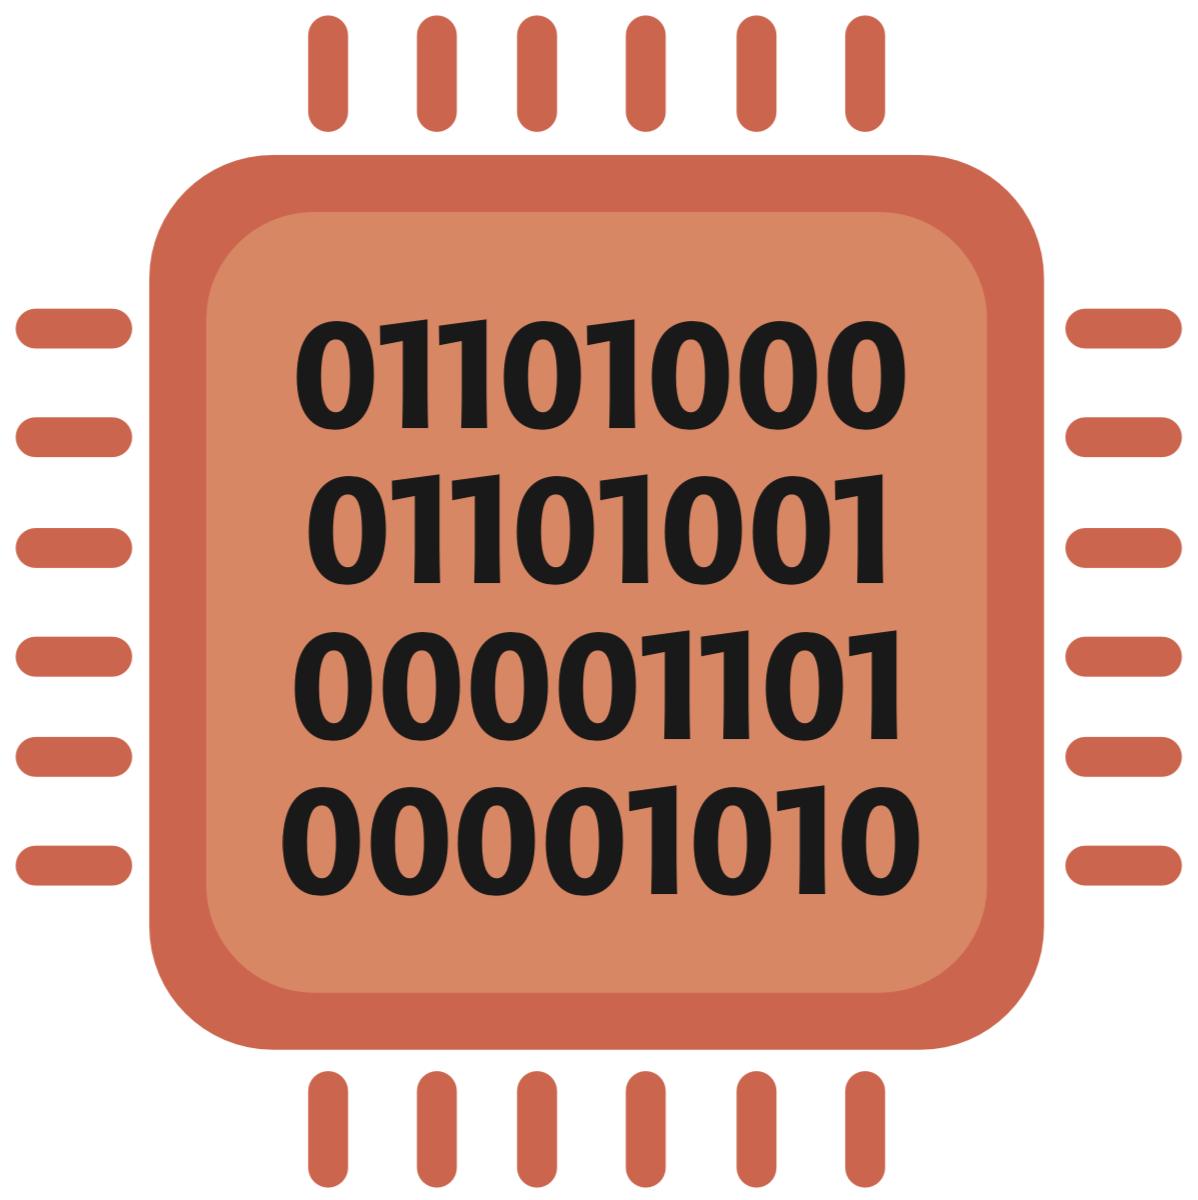 Un microprocessore pieno di codice binario